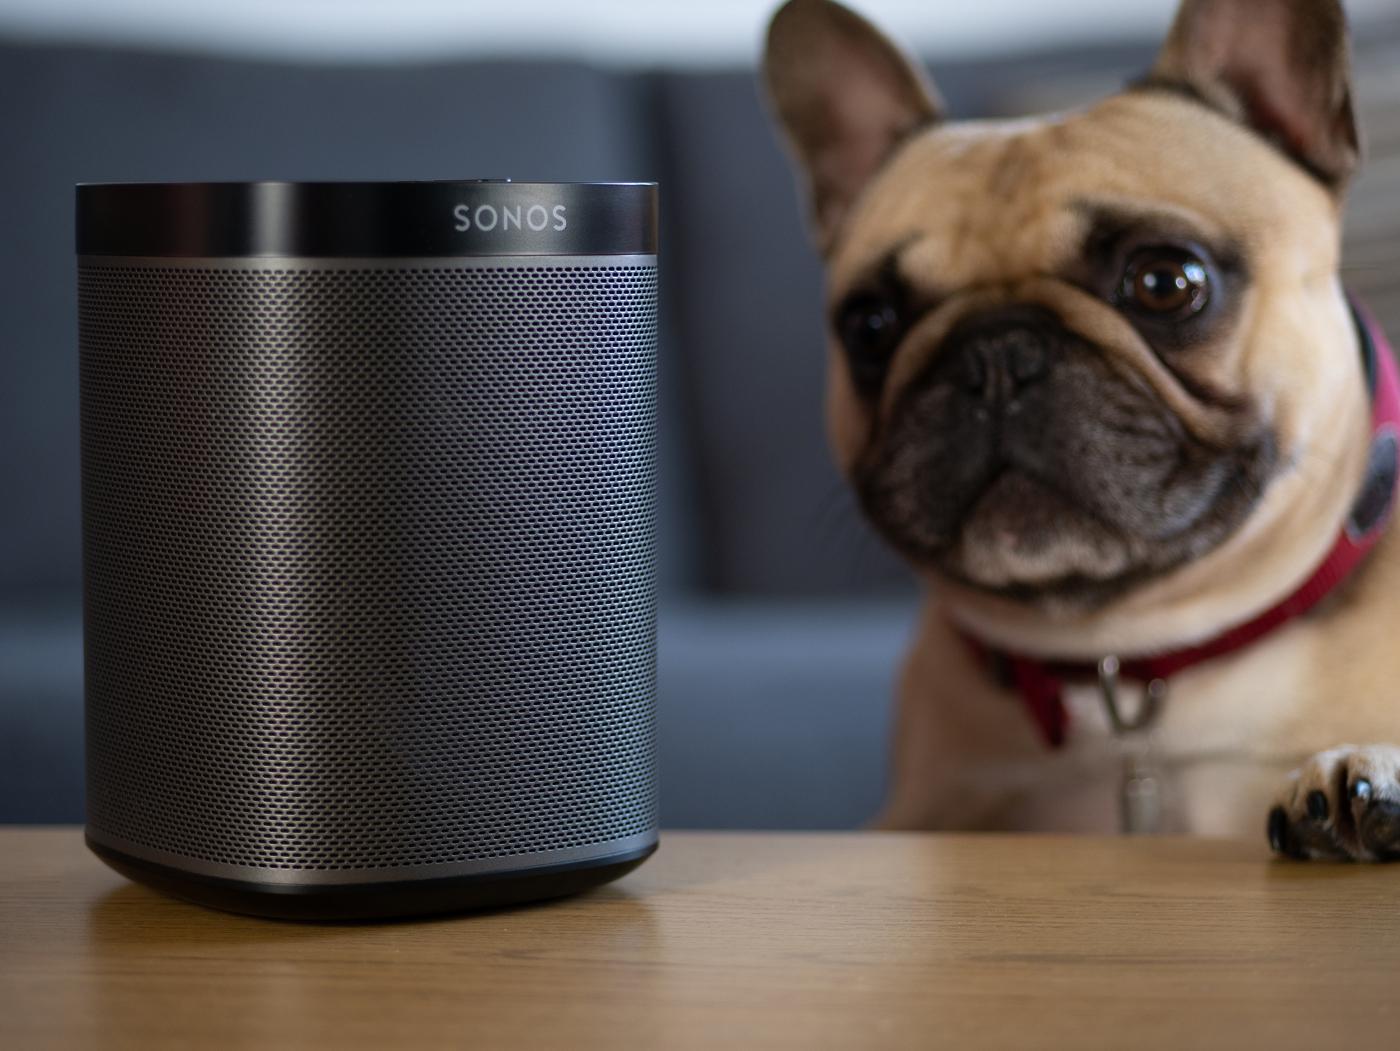 Sonos stock, SONO stock, speaker stocks, audio stocks